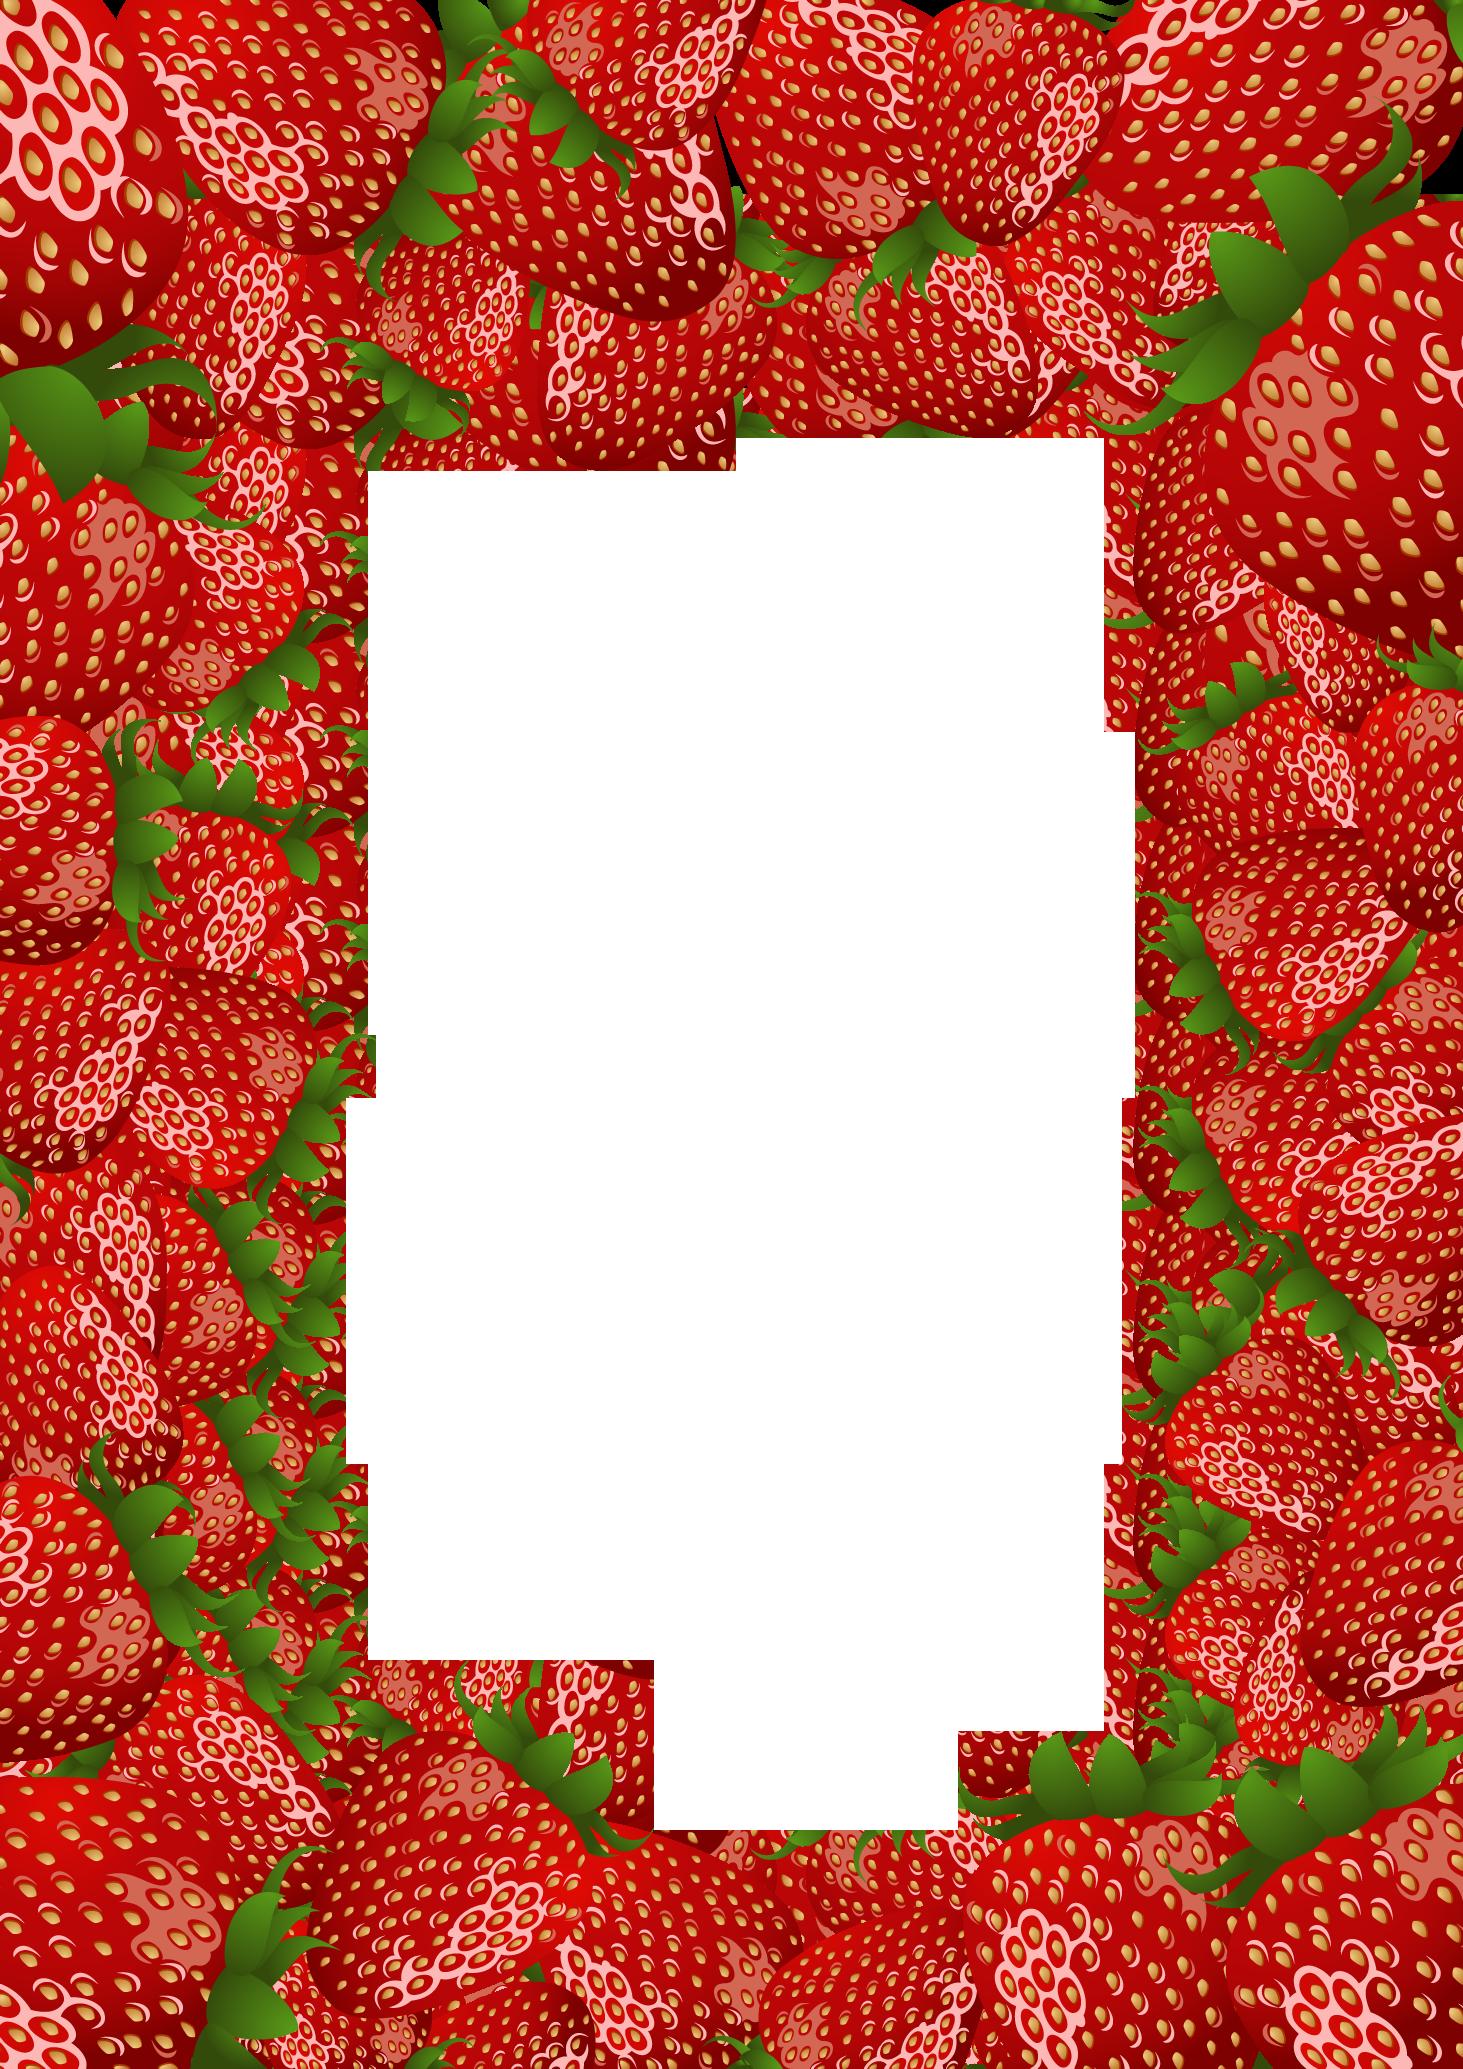 Strawberry border clipart 2.